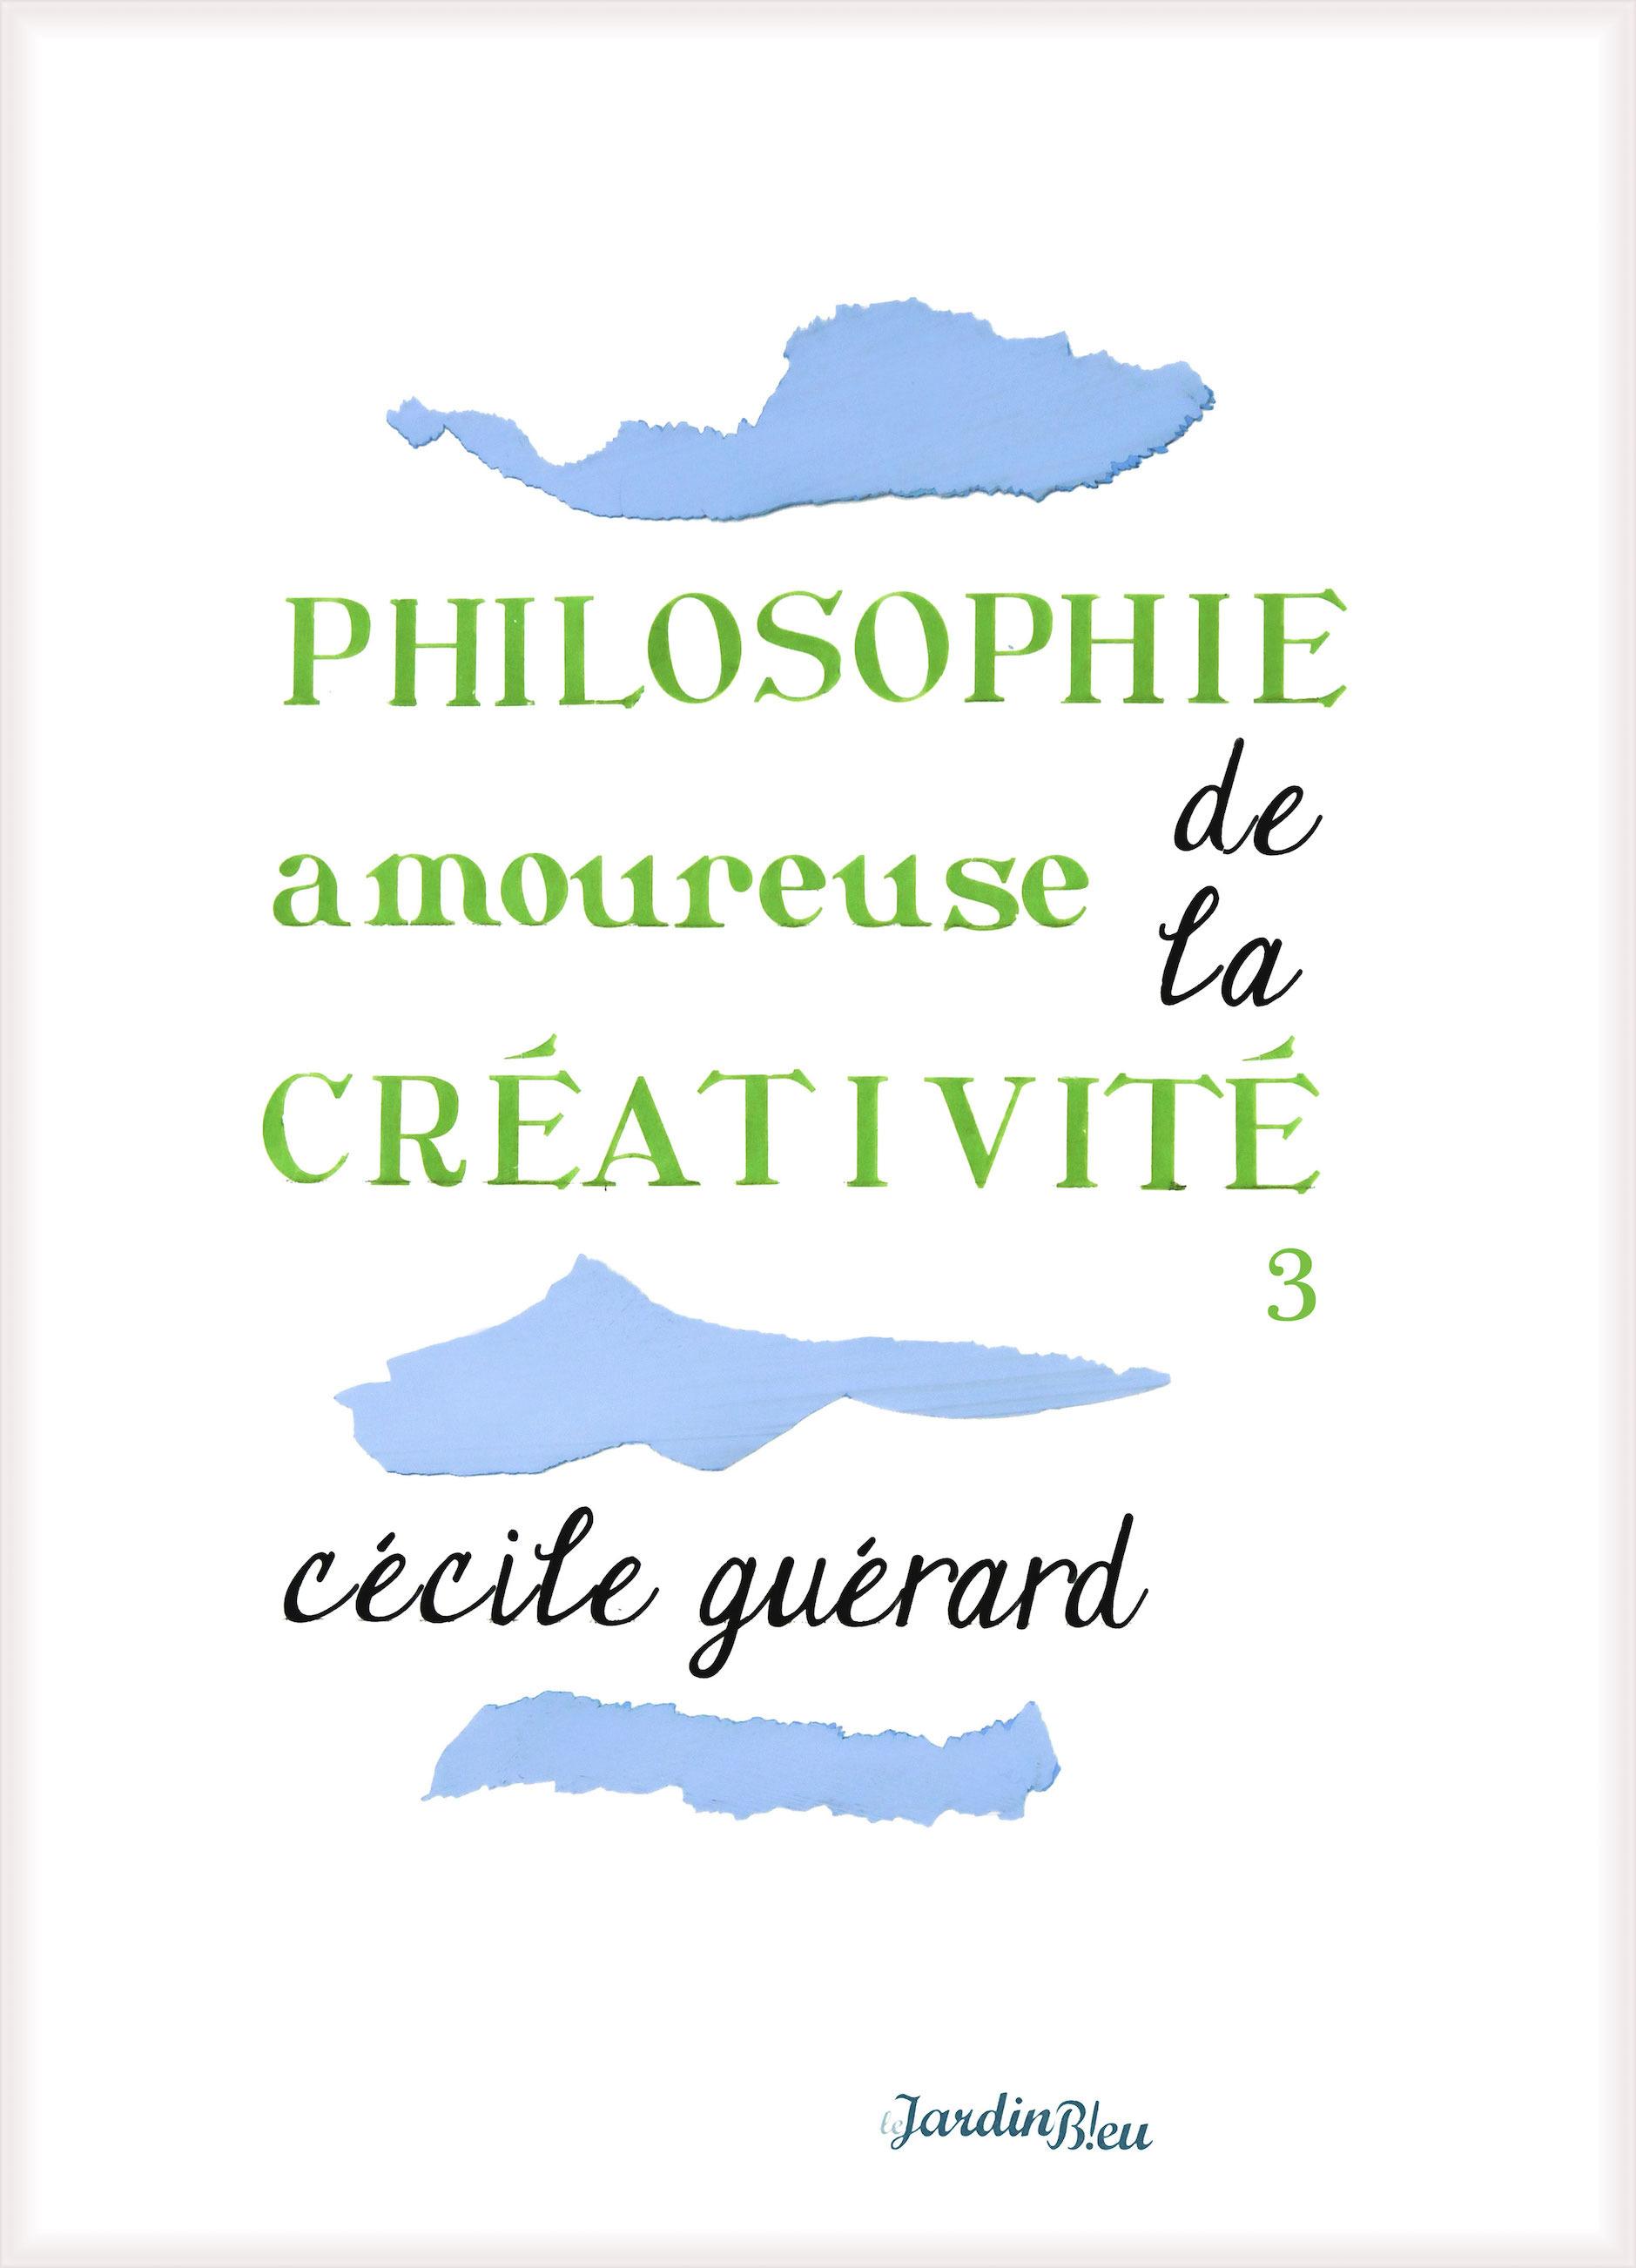 Philosophie amoureuse de la créativité, LIVRE 3 : L'INSPIRATION AU TRAVAIL